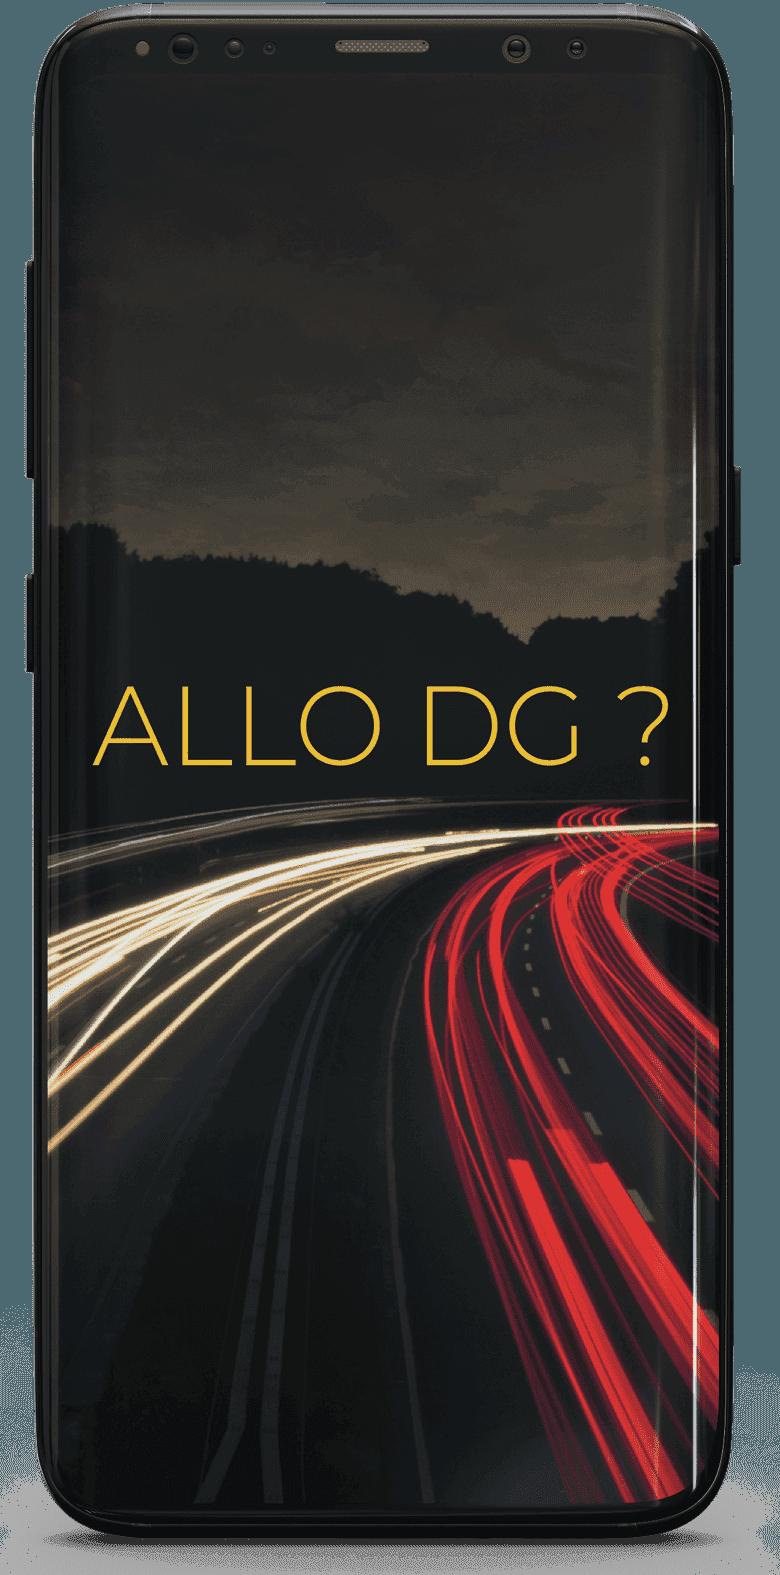 allo-dg-telephone